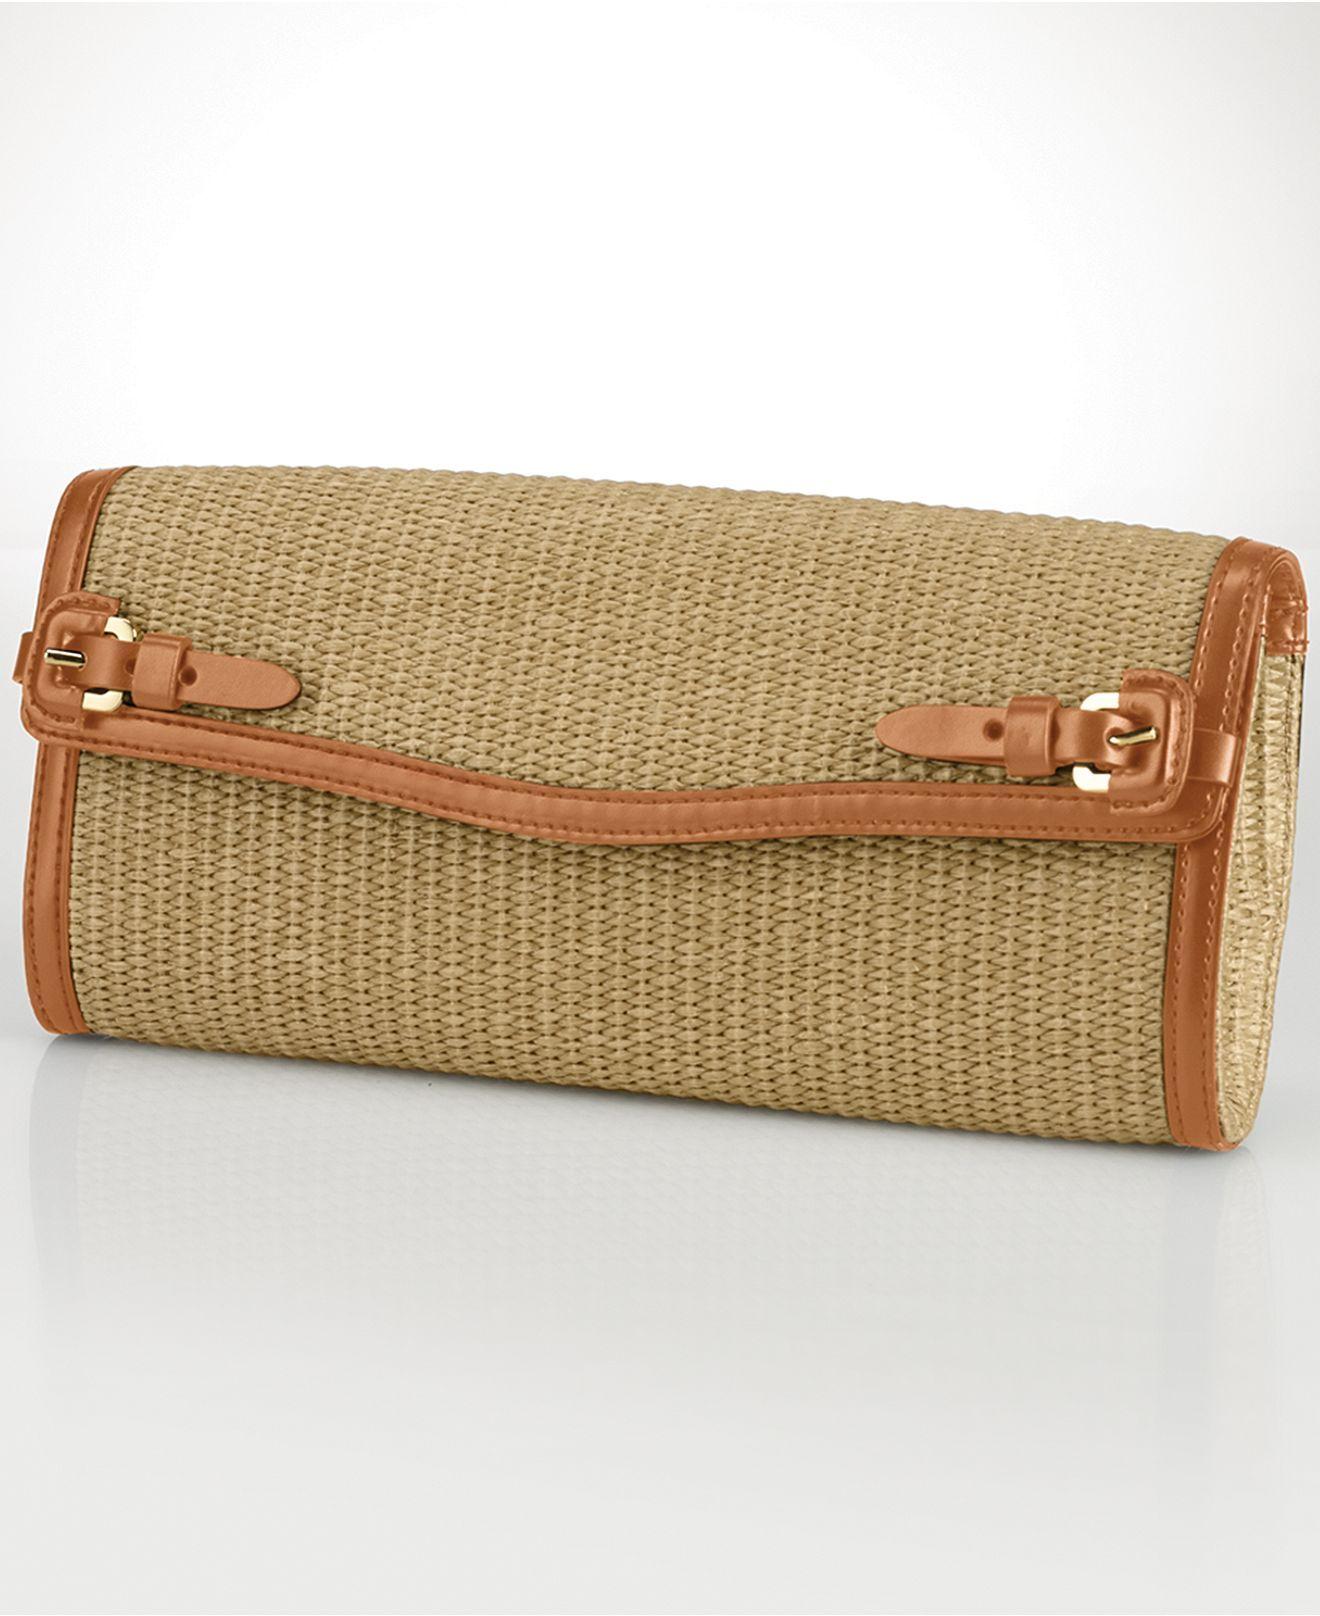 Wallet. Designer Bags. Nautical Theme. Sailor. Lauren Ralph Lauren Gipson  Clutch - Lauren Ralph Lauren - Macy s Clutch Handbags c77897ee353c7